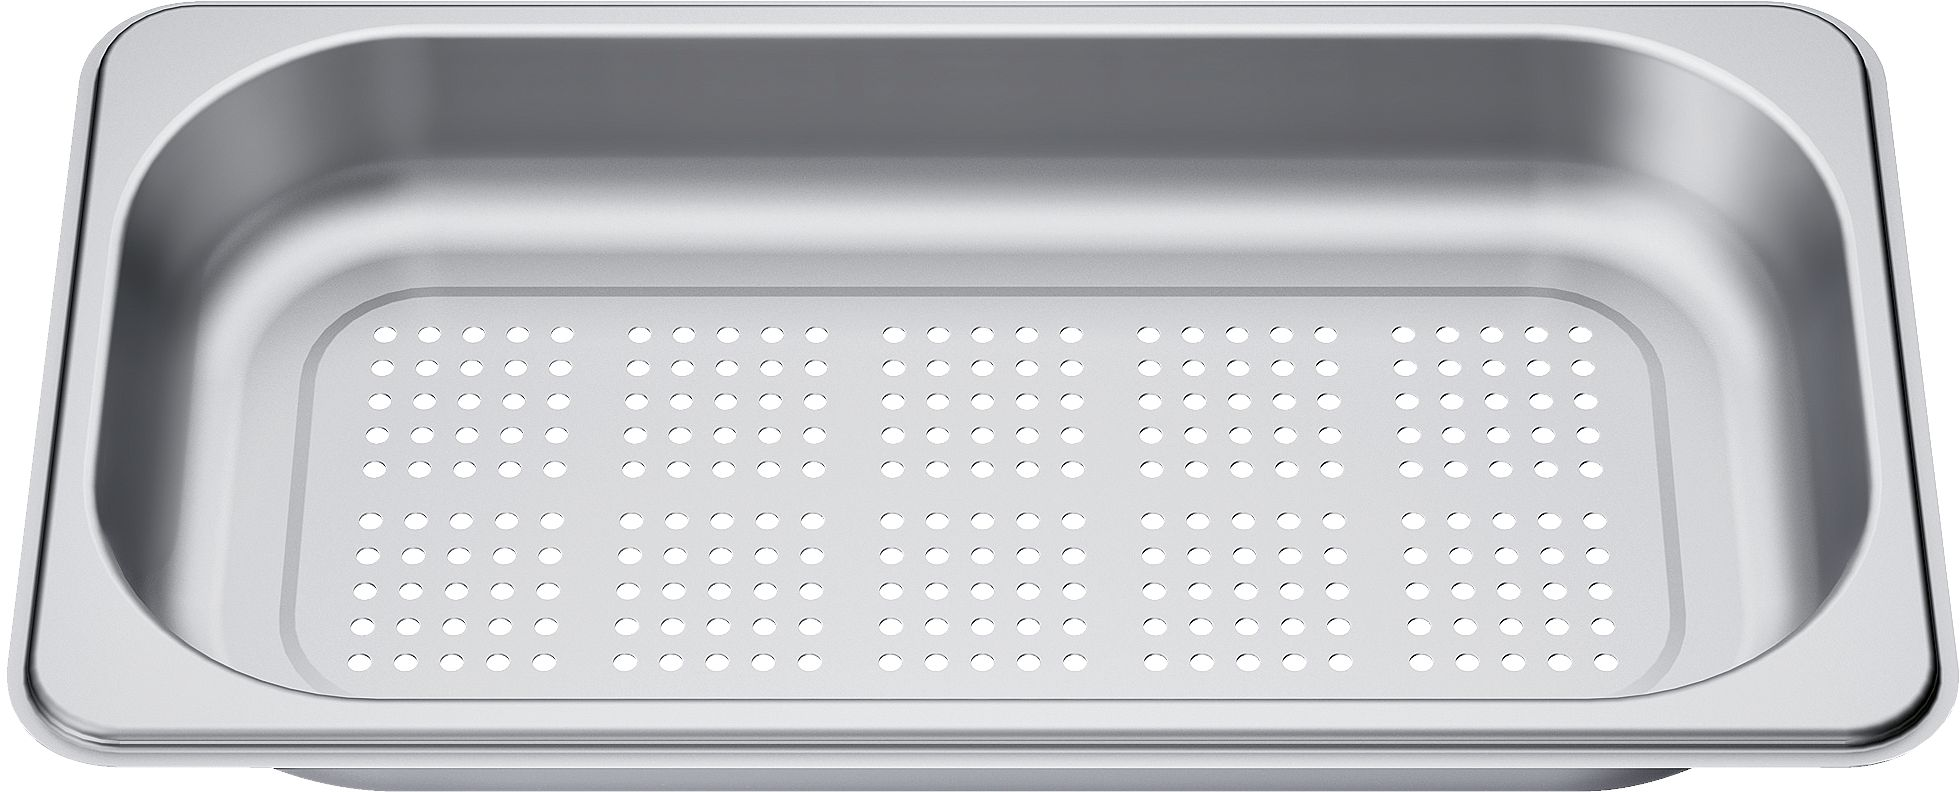 [Zweite Wahl] Siemens HZ36D613G Dampfgarbehälter gelocht Edelstahl Kopie